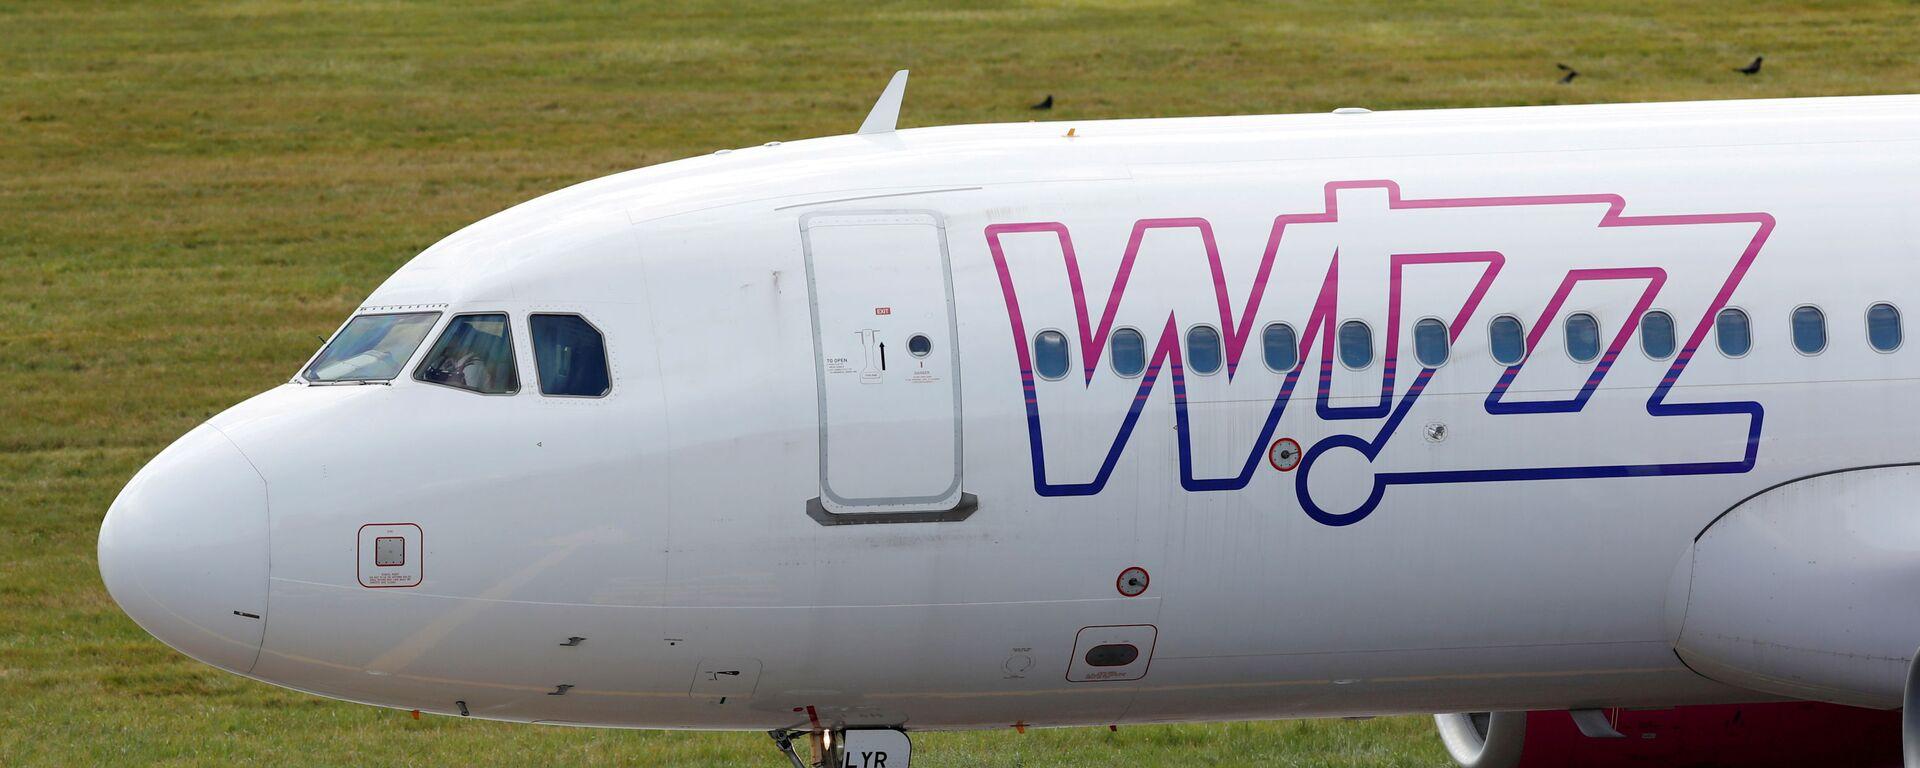 Samolot linii lotniczej Wizz Air - Sputnik Polska, 1920, 02.08.2021